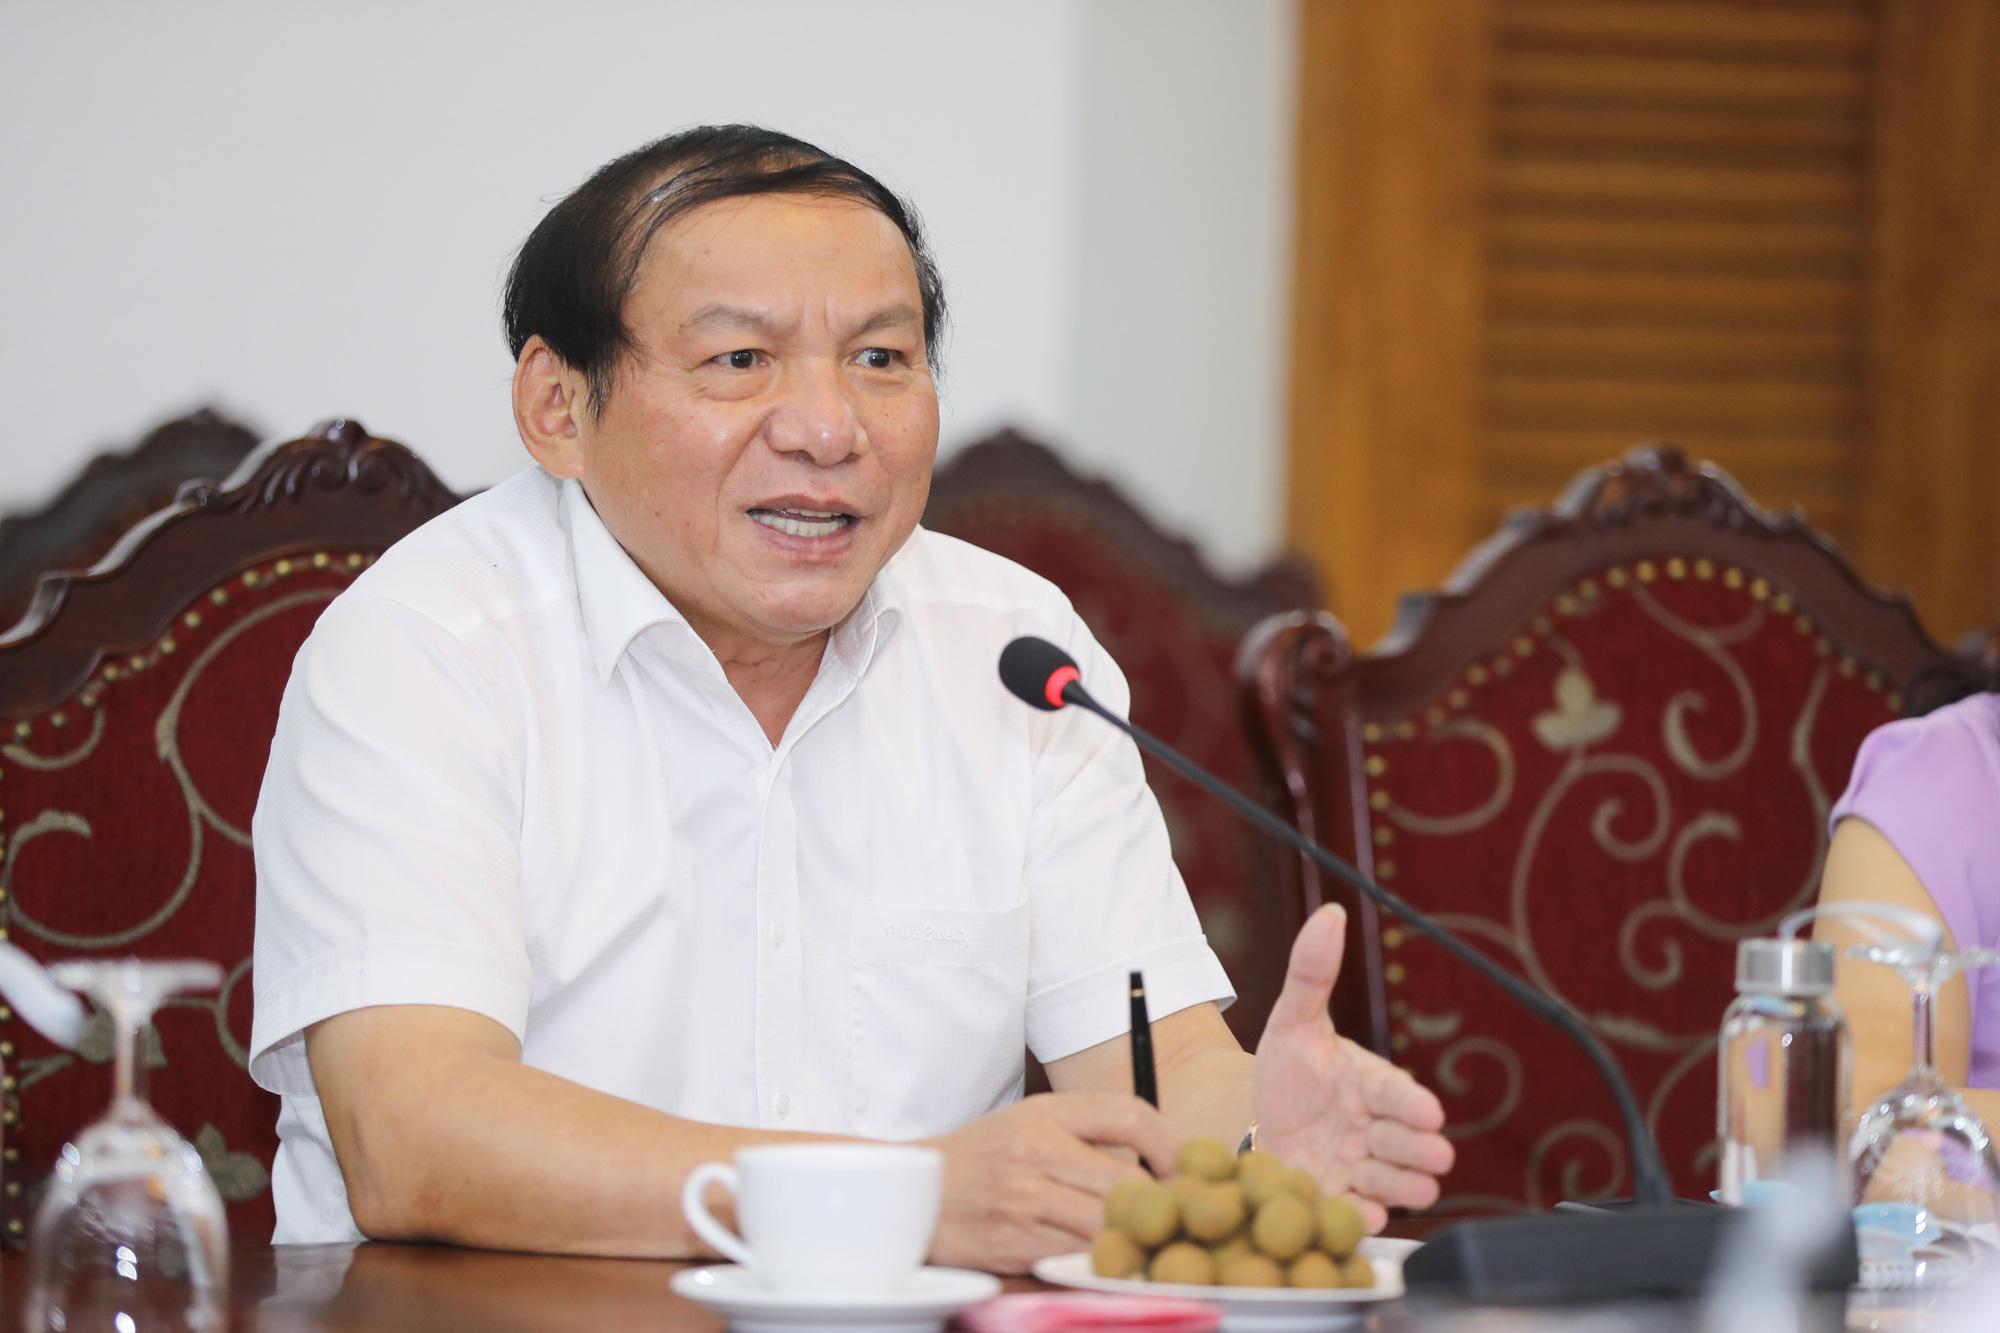 Thúc đẩy các hoạt động VHTTDL nhằm tăng cường mối quan hệ ngoại giao giữa Việt Nam-Campuchia - Ảnh 3.